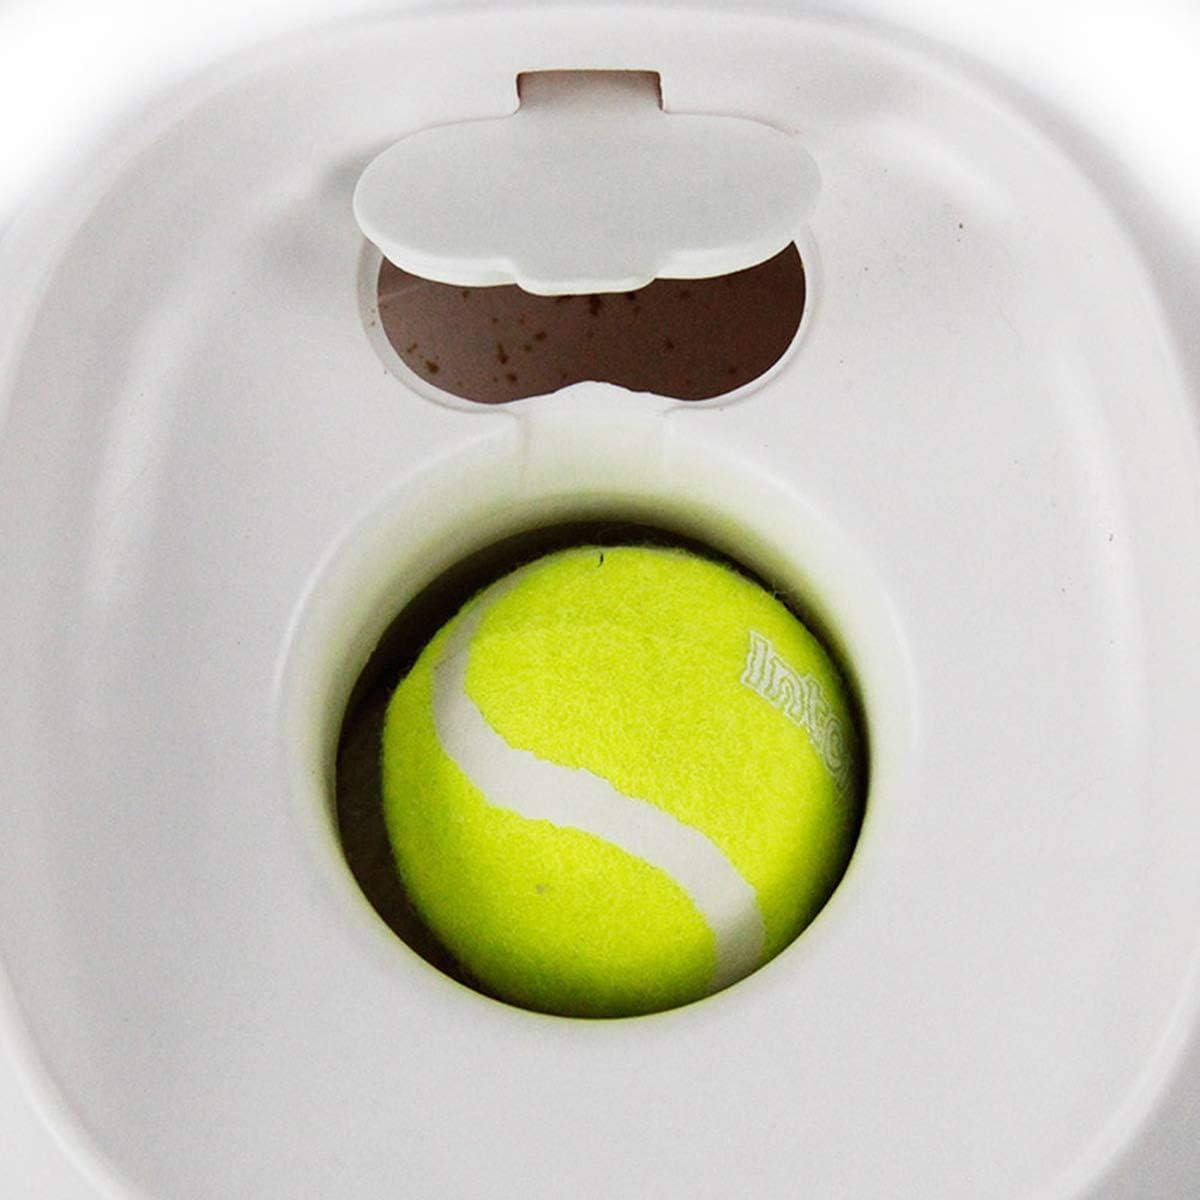 giocattolo interattivo per cani iFCOW lancio della pallina automatica giocattolo per il lancio di palline da tennis per animali domestici giocattolo per l/'addestramento